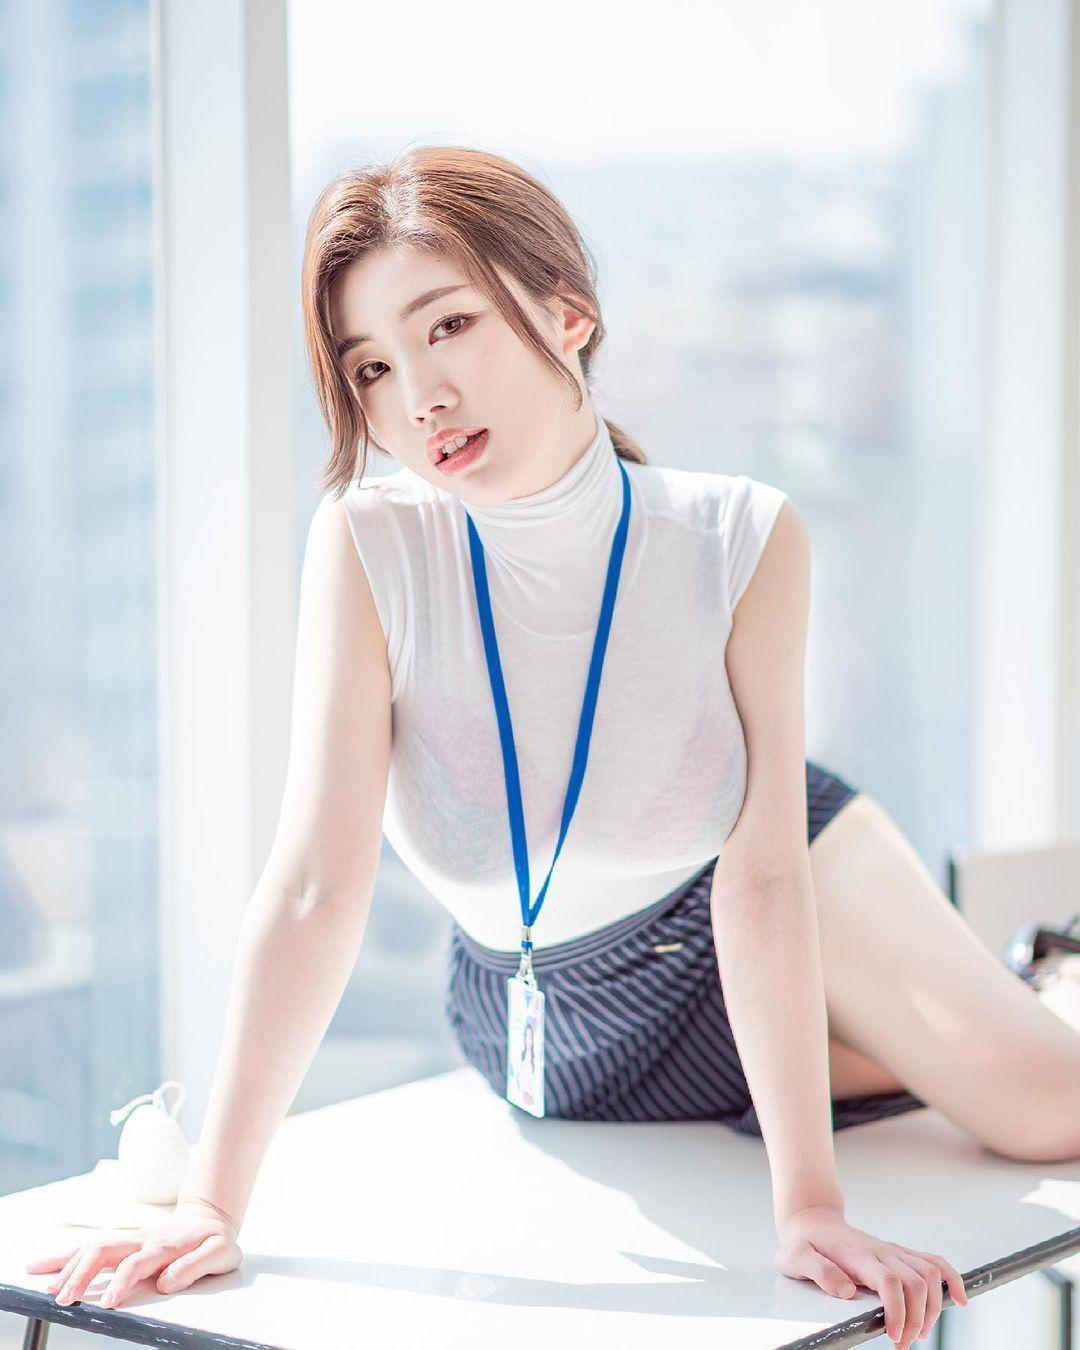 清凉穿着自己卖 [韩国泳衣阙娘Yebin]亲自试穿性感度满点 养眼图片 第21张